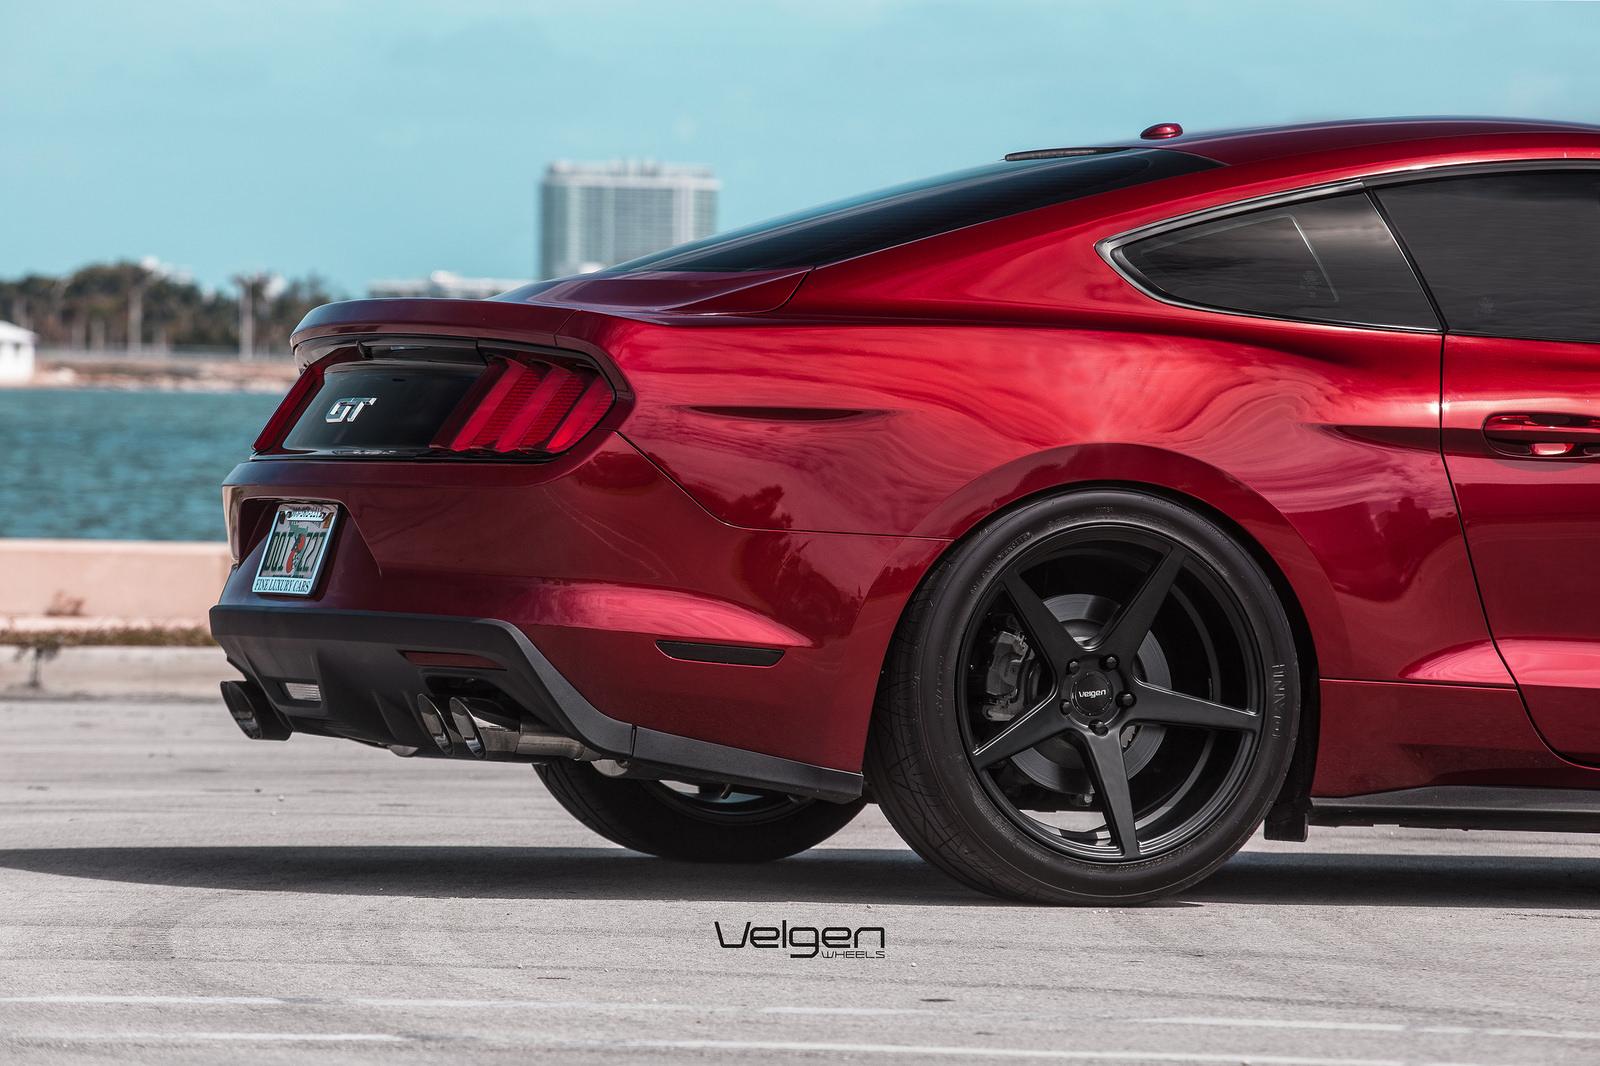 1998 Ford Mustang Gt >> Velgen Wheels – slammedstangs | Ford Mustang Builds ...